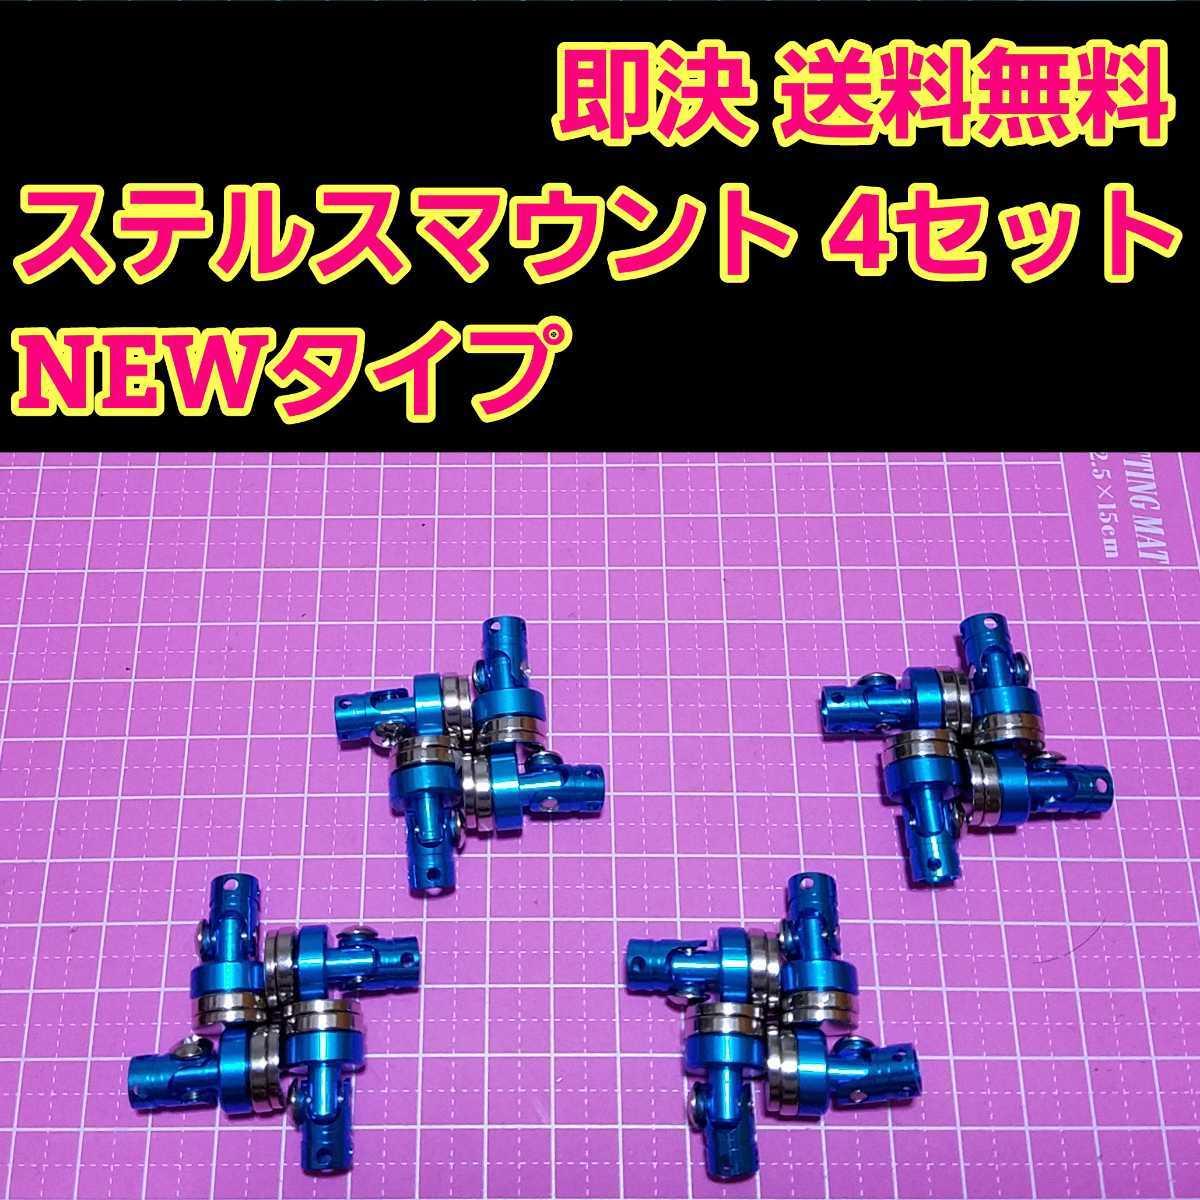 即決《送料無料》 ステルス マウント ブルー 4セット    ラジコン ヨコモ ドリパケ タミヤ TT01 YD-2 YD-4 TT02 サクラ D3 d4